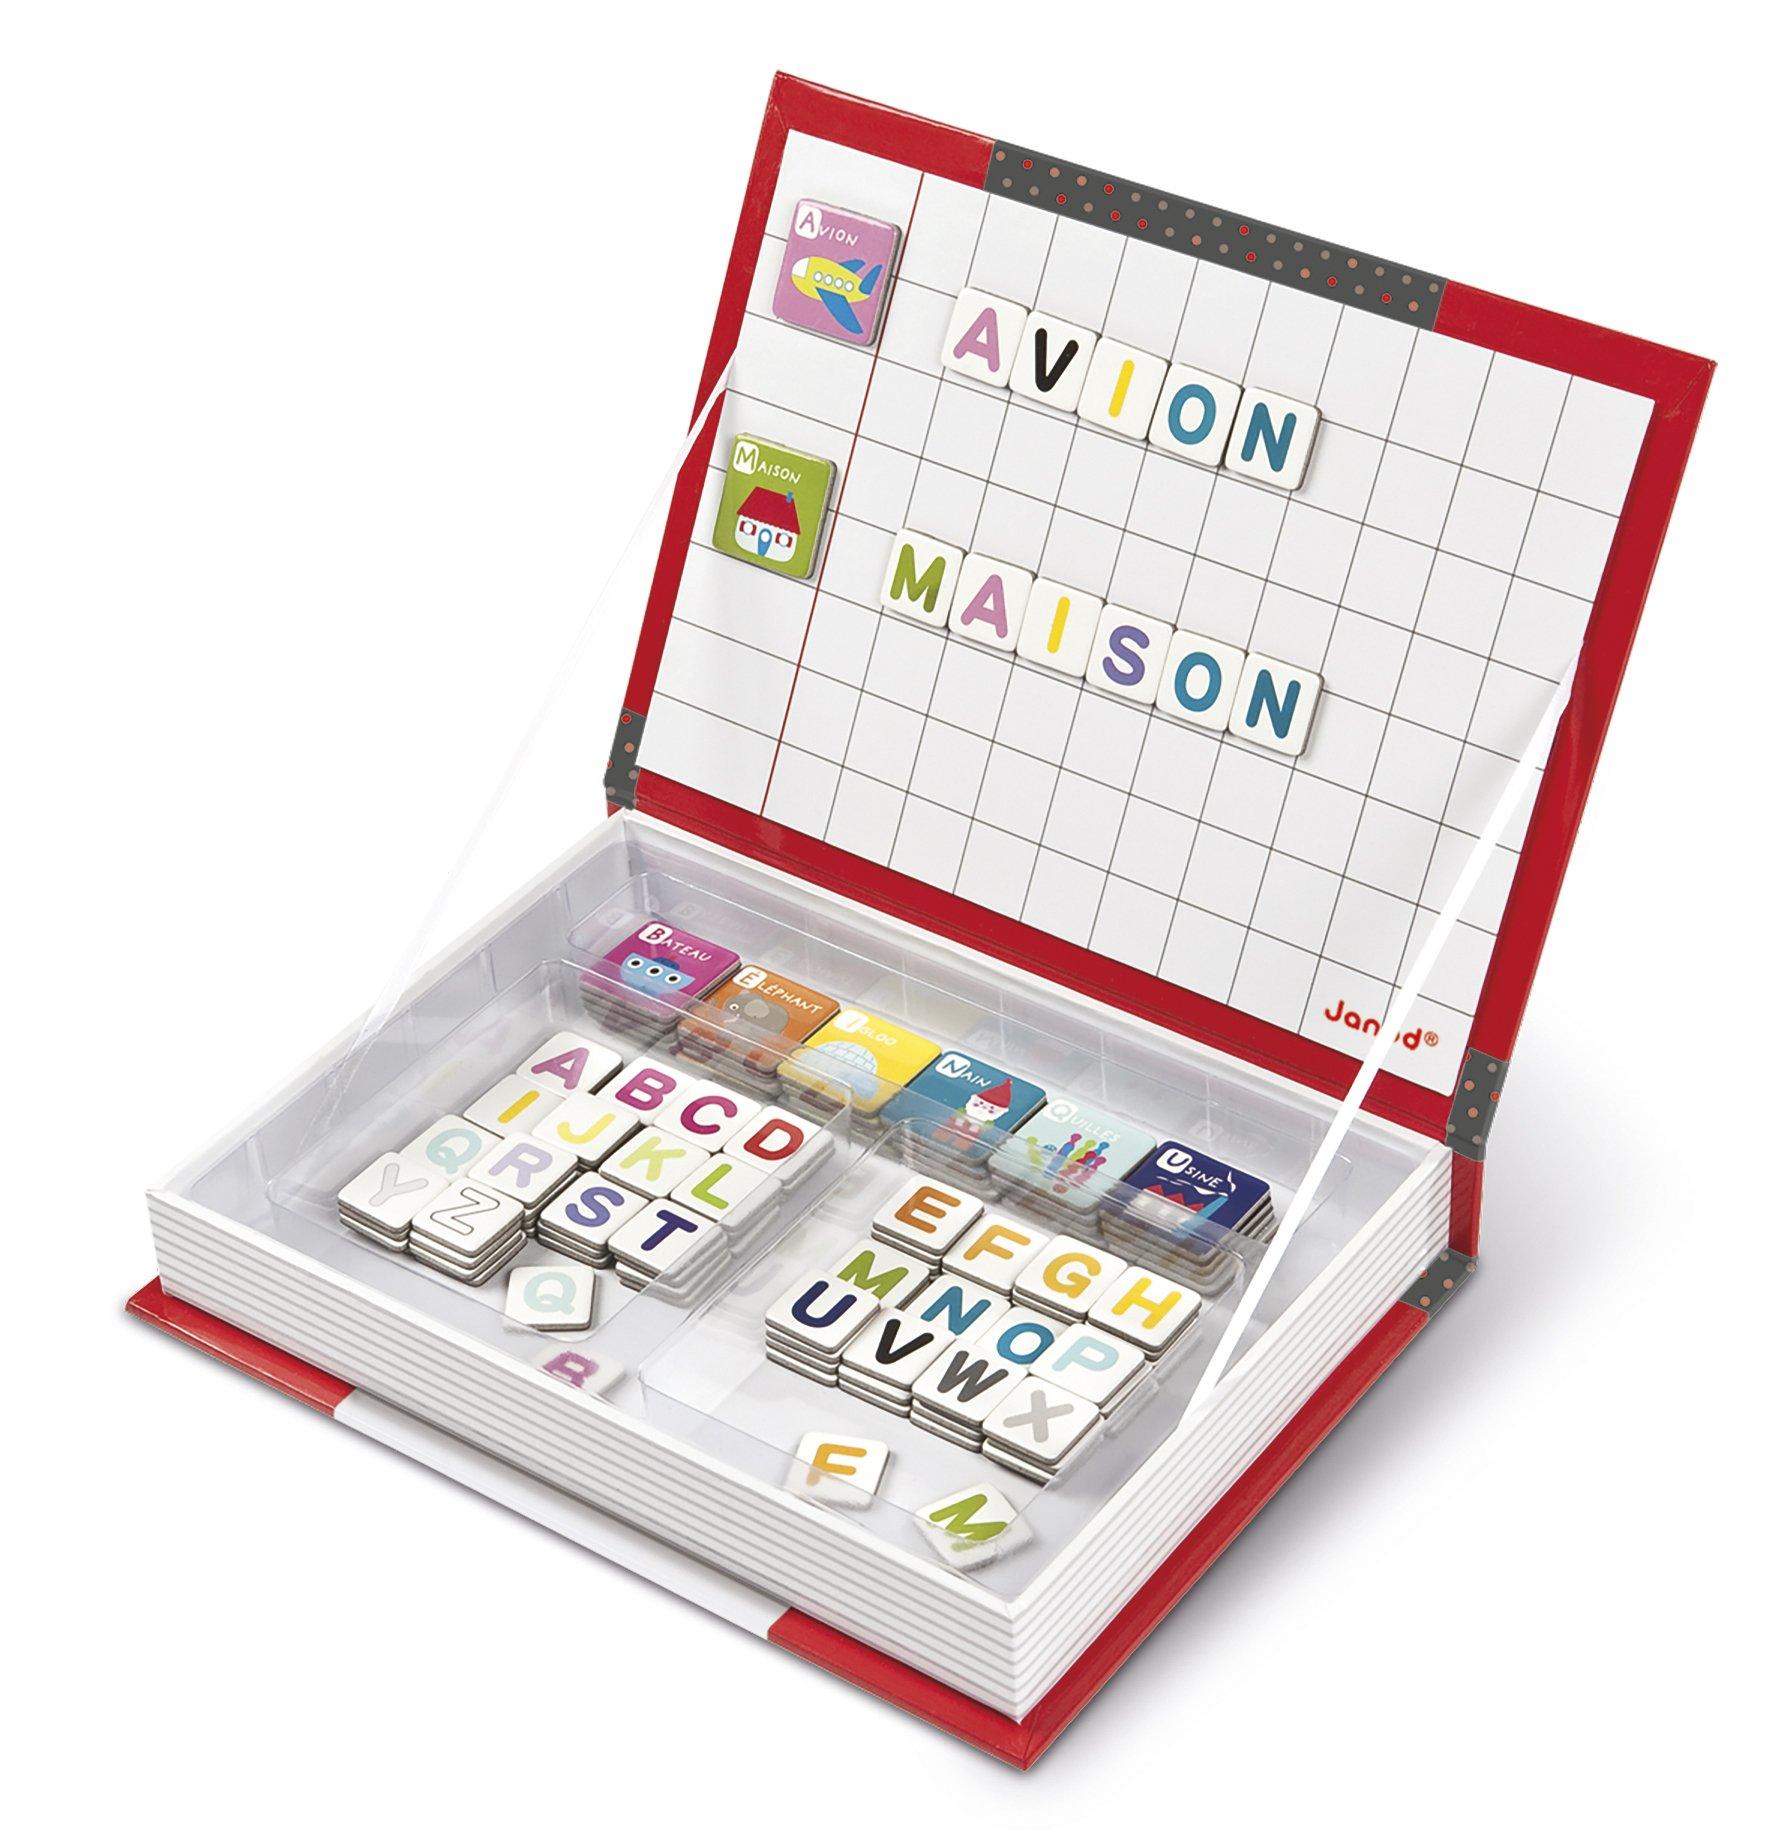 Janod - Magnetibook con alfabeto en francés, libro magnético (J05543) product image